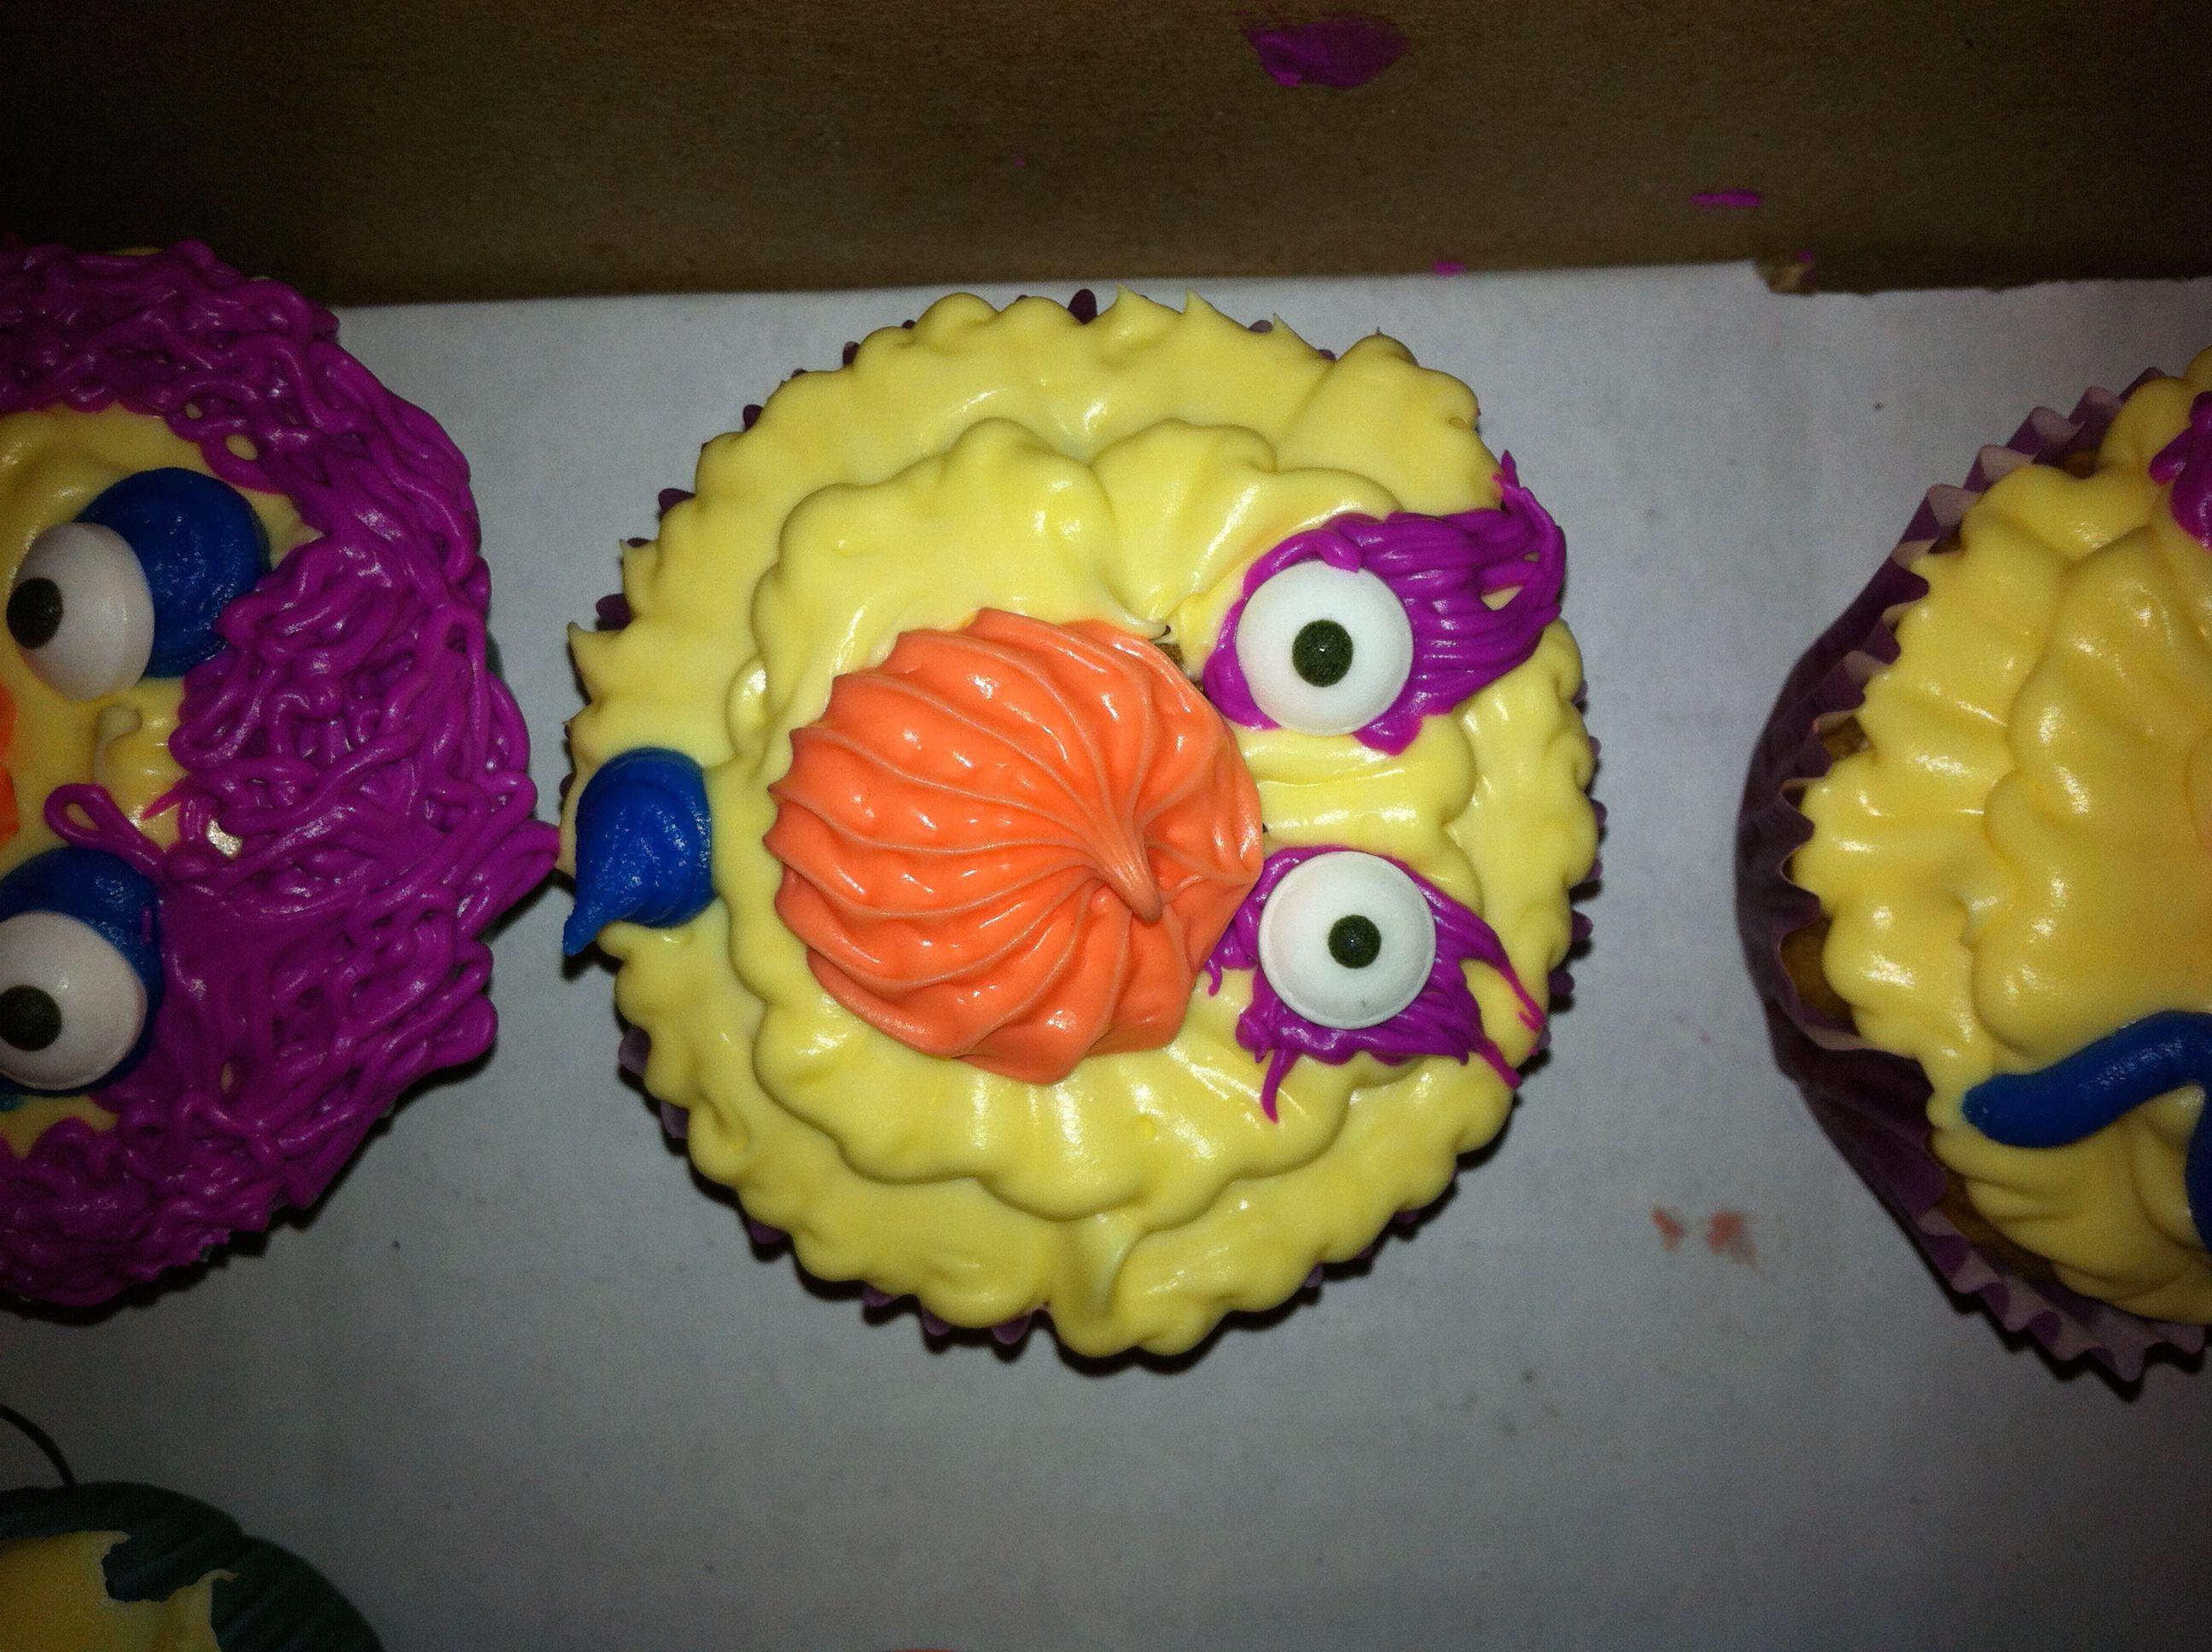 My favorite cupcake.